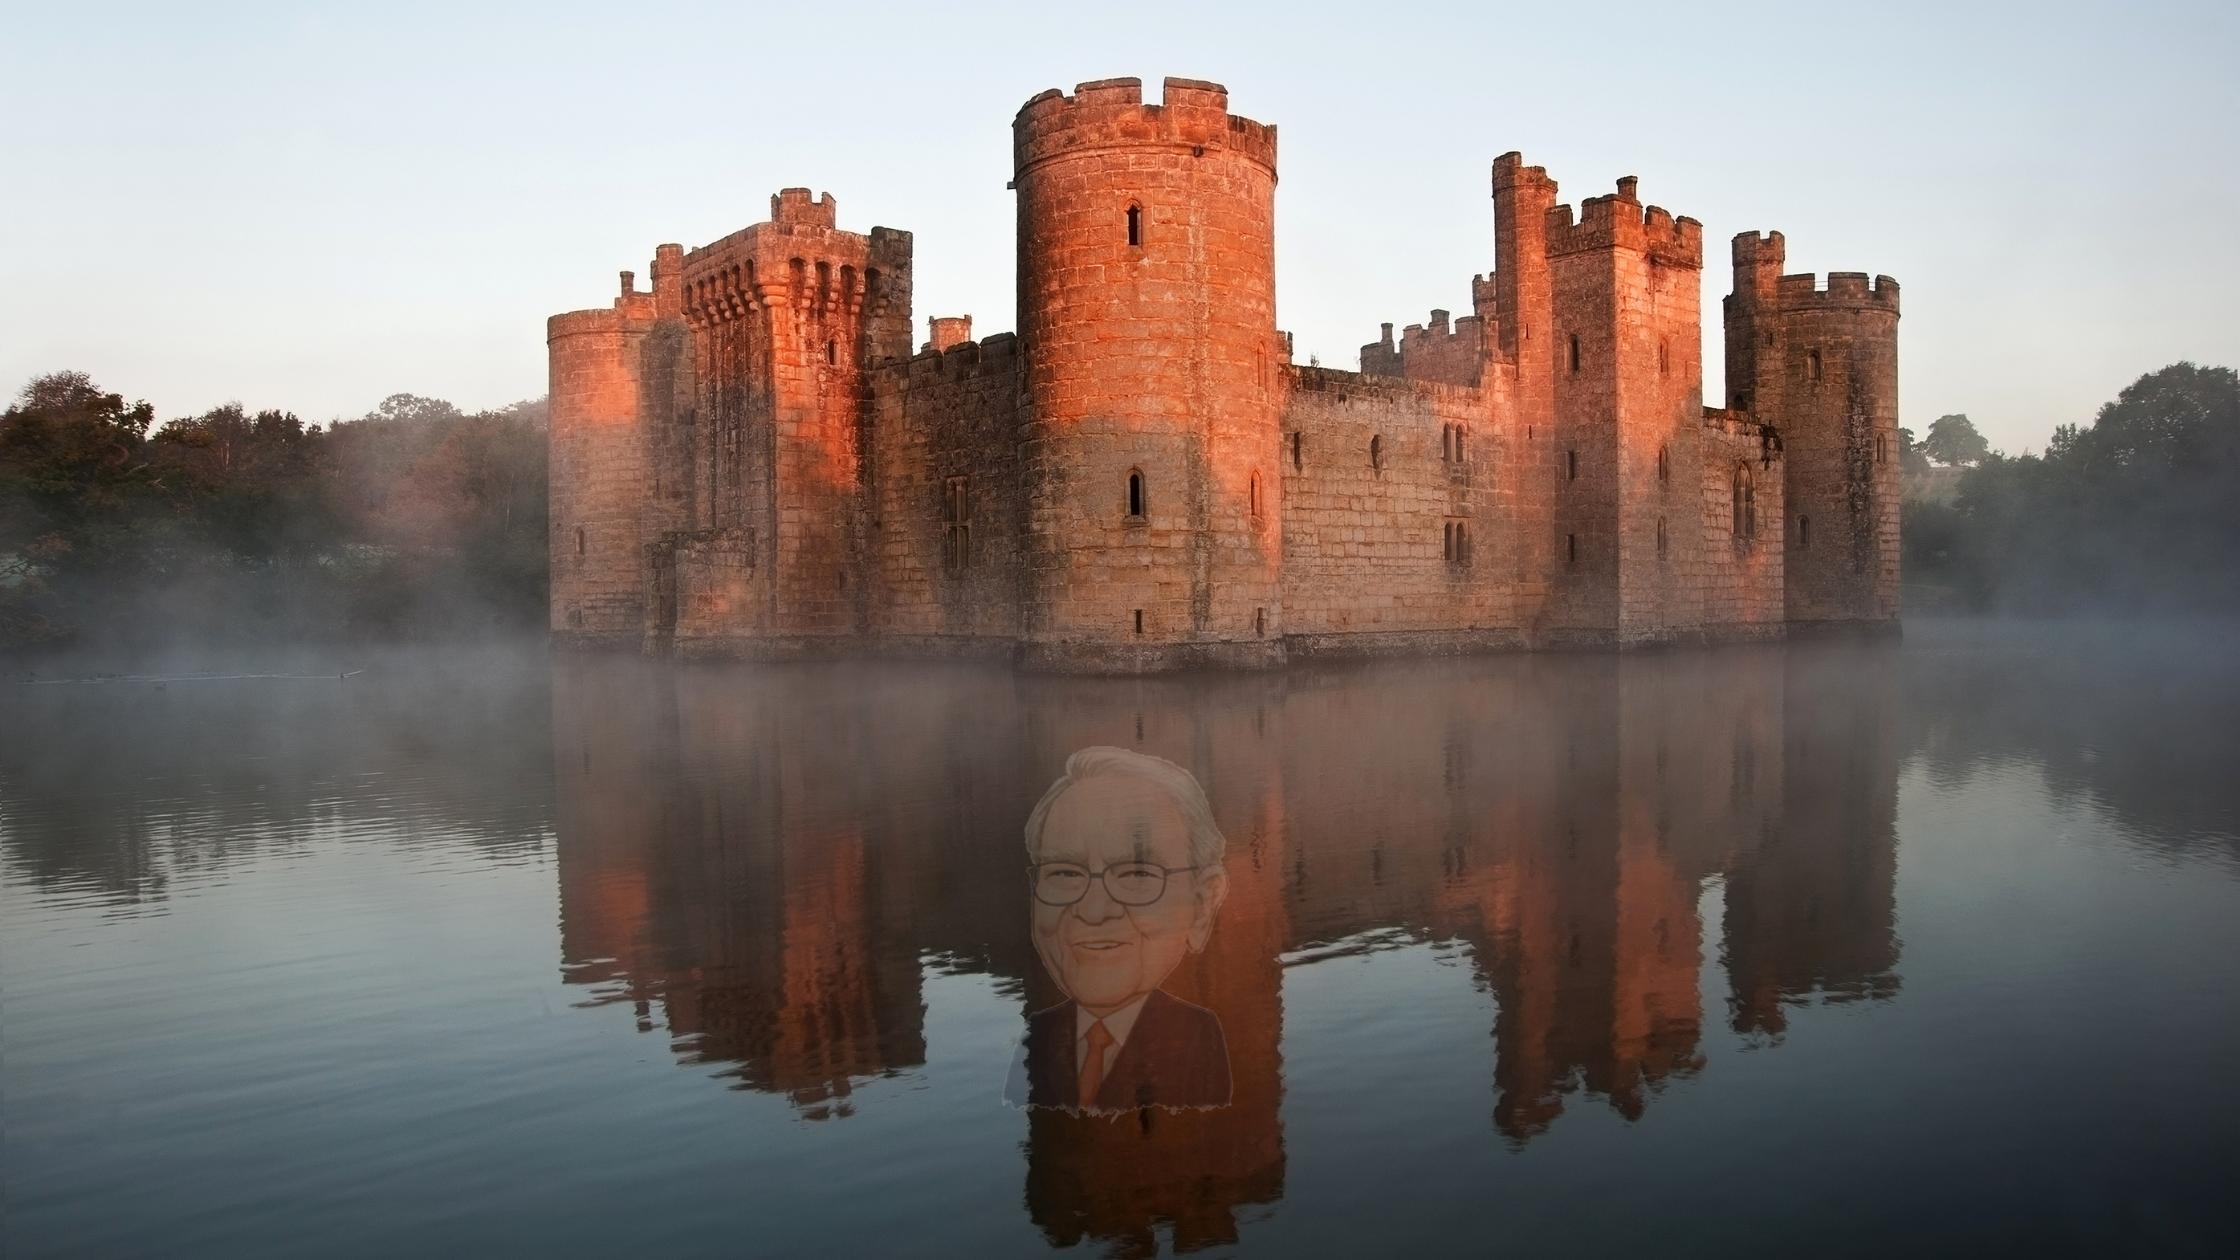 Darstellung einer Burg mit einem Burggraben